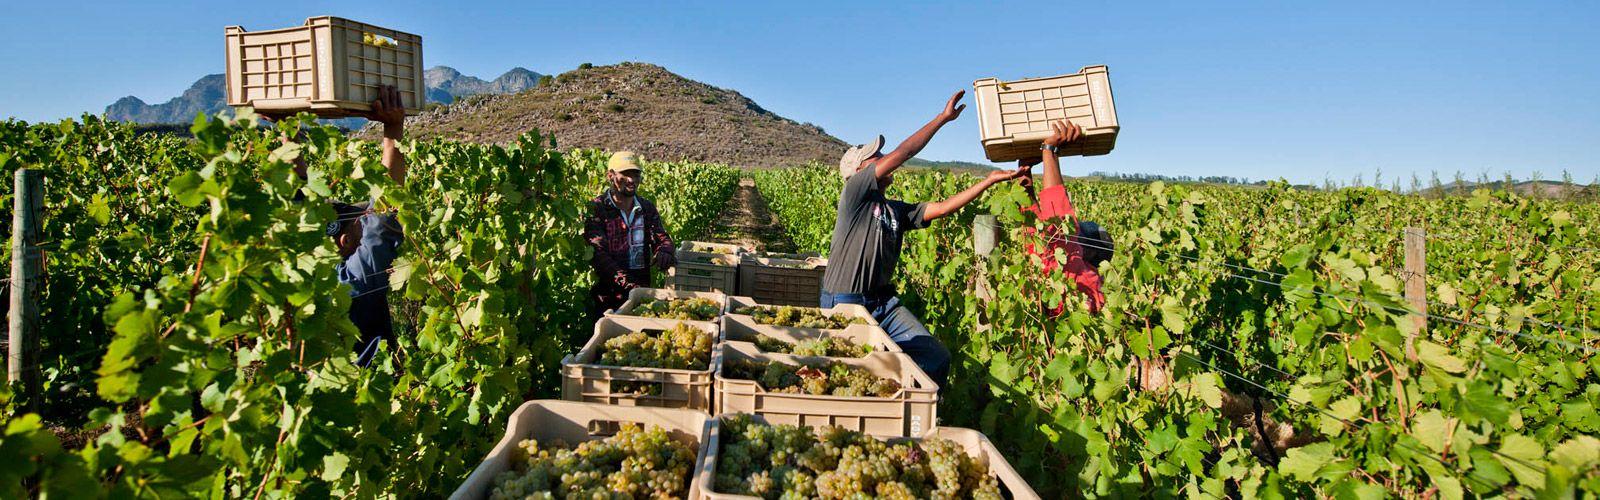 多姿多彩白诗南:卢瓦尔河谷 VS 南非